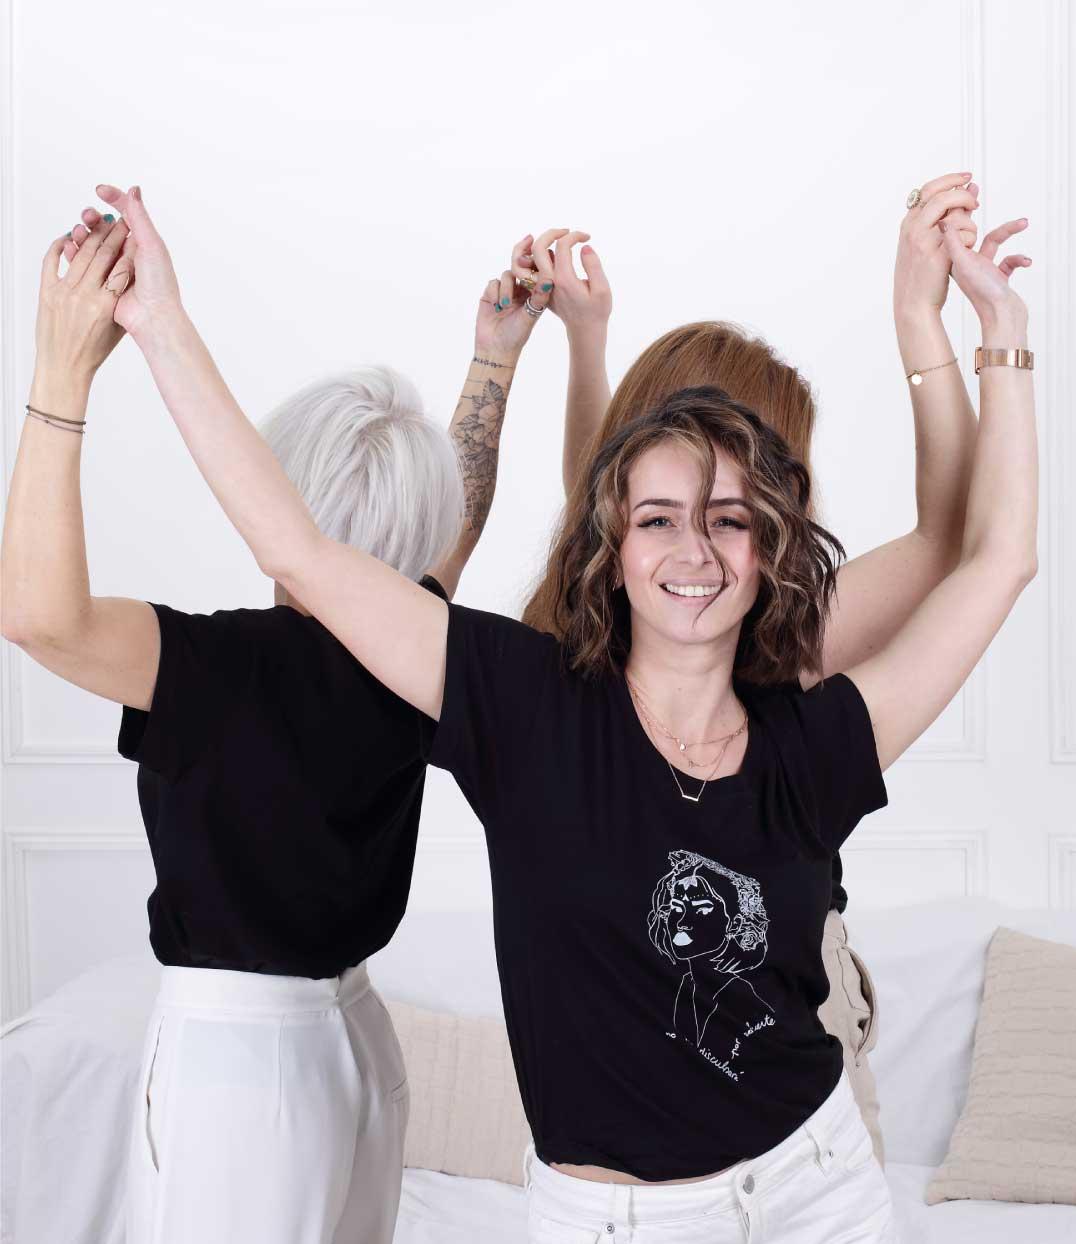 Trois femmes dansent main dans la main et dos à dos. L'une des femmes regarde vers la caméra, tandis que les autres ont le dos. Elles portent des t-shirts noirs Leonor Roversi